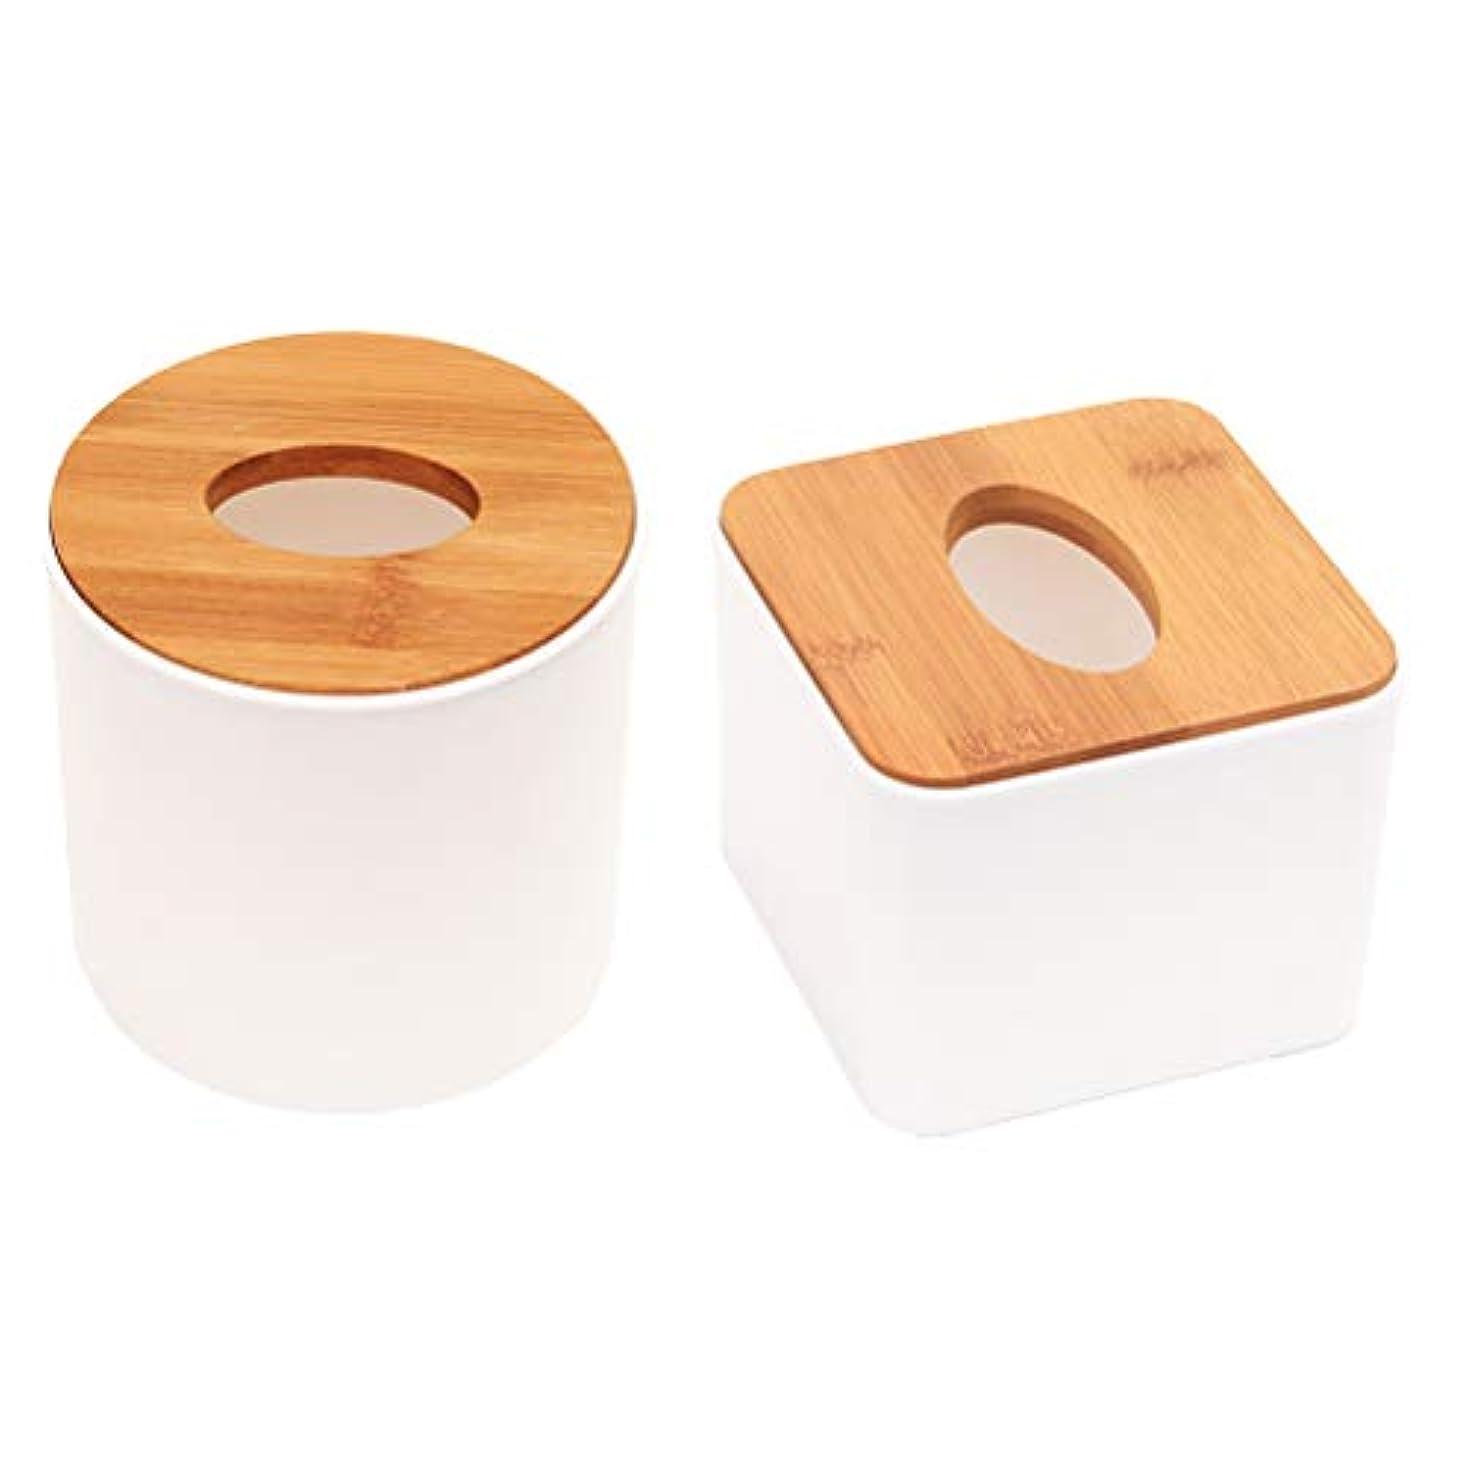 TOPBATHY 2ピースティッシュボックスカバーラウンドスクエア形状木製ティッシュペーパーカバーホルダー用浴室寝室デスクテーブル車